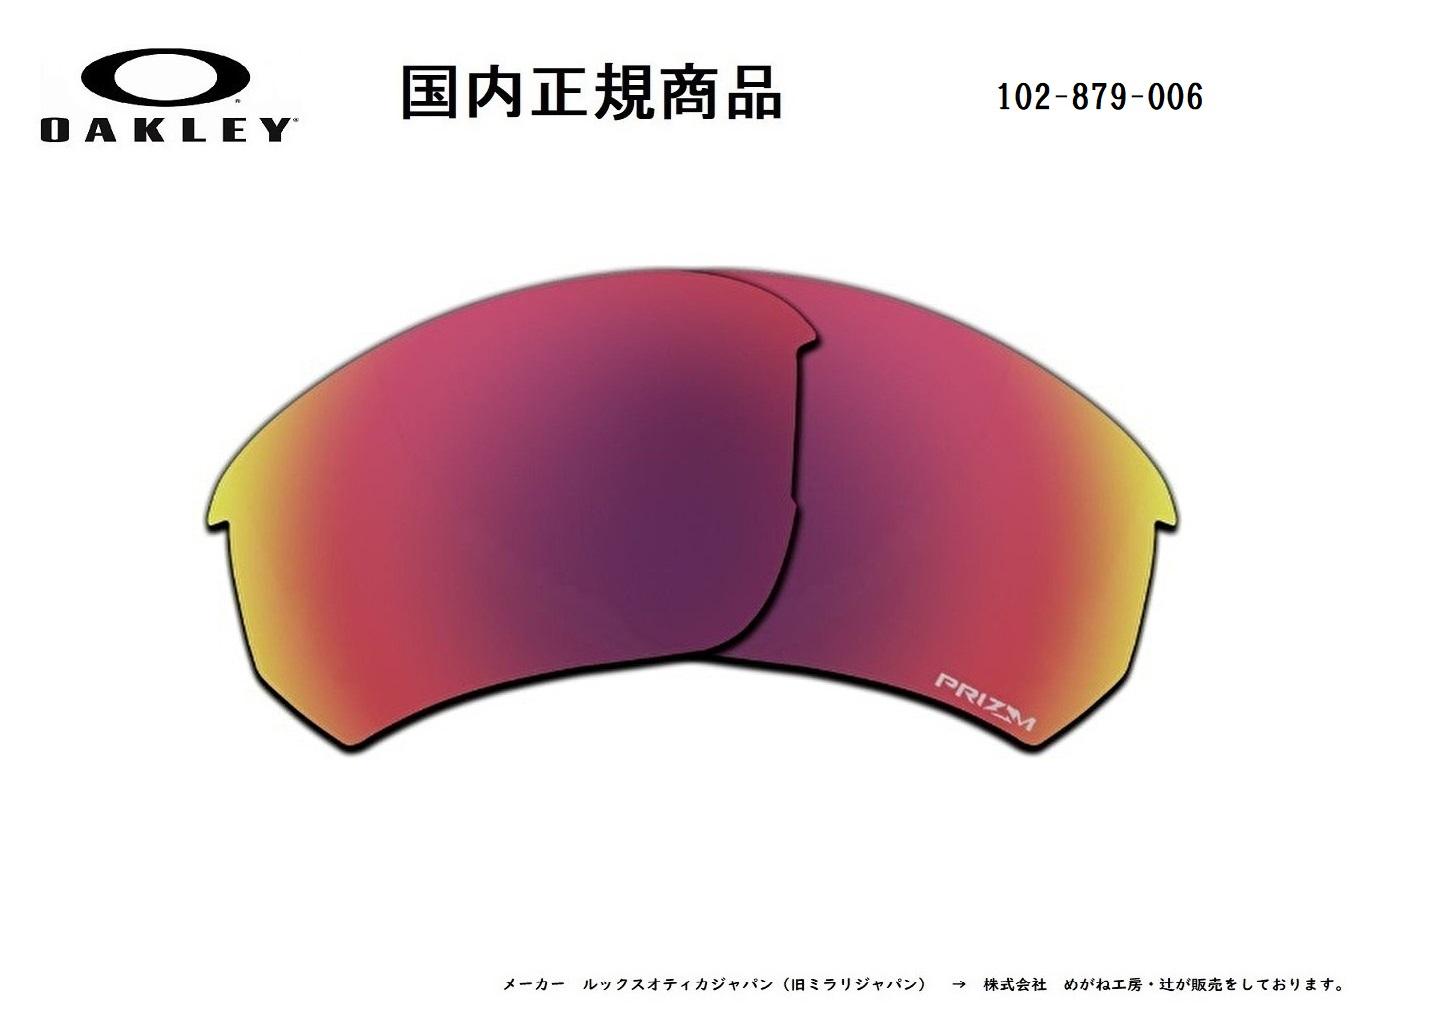 国内正規商品 OAKLEY オークリー サングラス FLAK BETA A フラック ロード 永遠の定番モデル Road 国産品 プリズム ベータ Prizm レンズカラー 専用交換レンズ 102-879-006